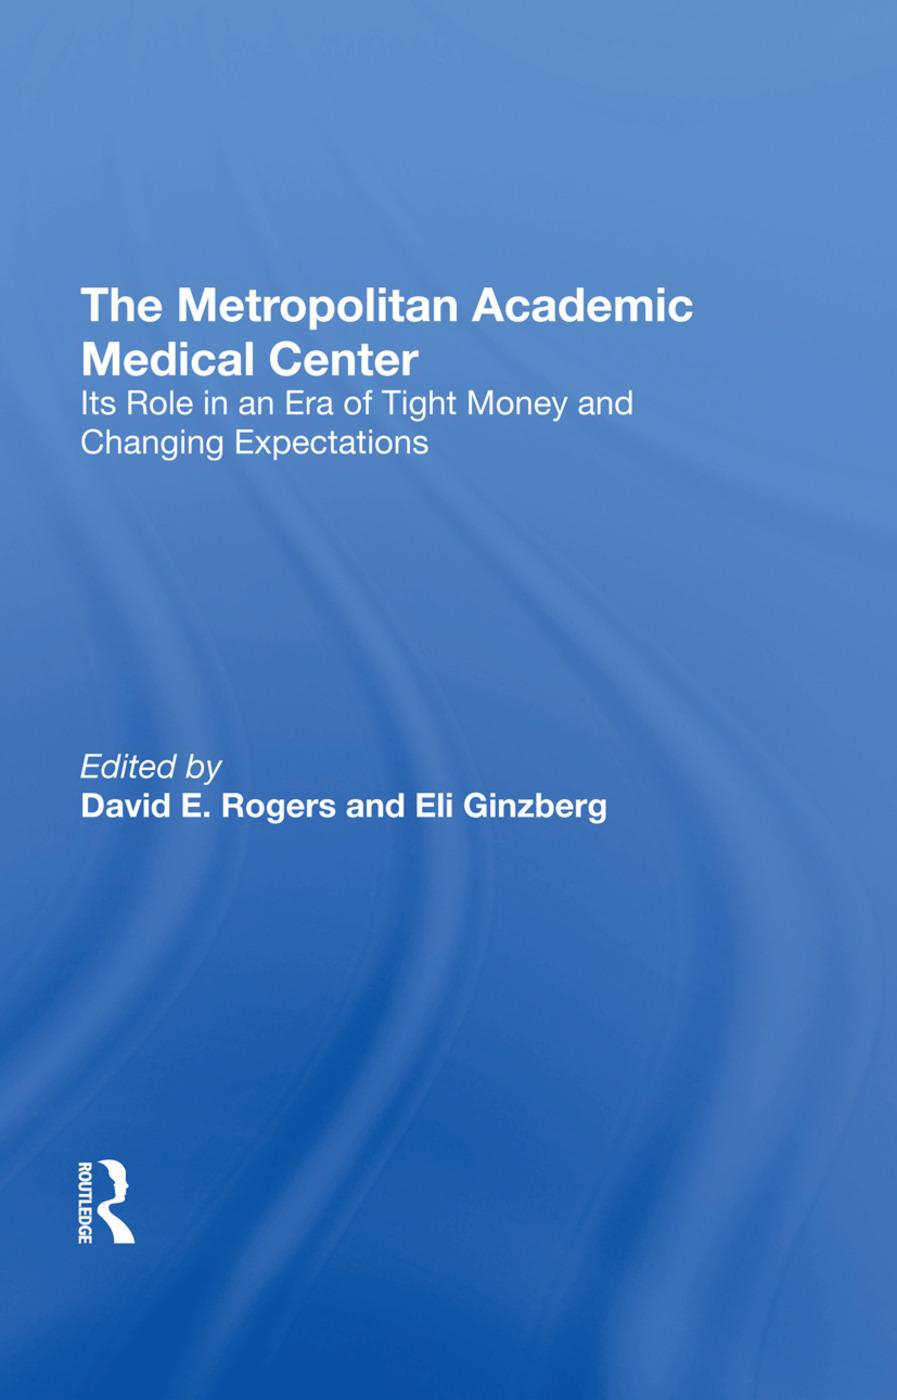 The Metropolitan Academic Medical Center